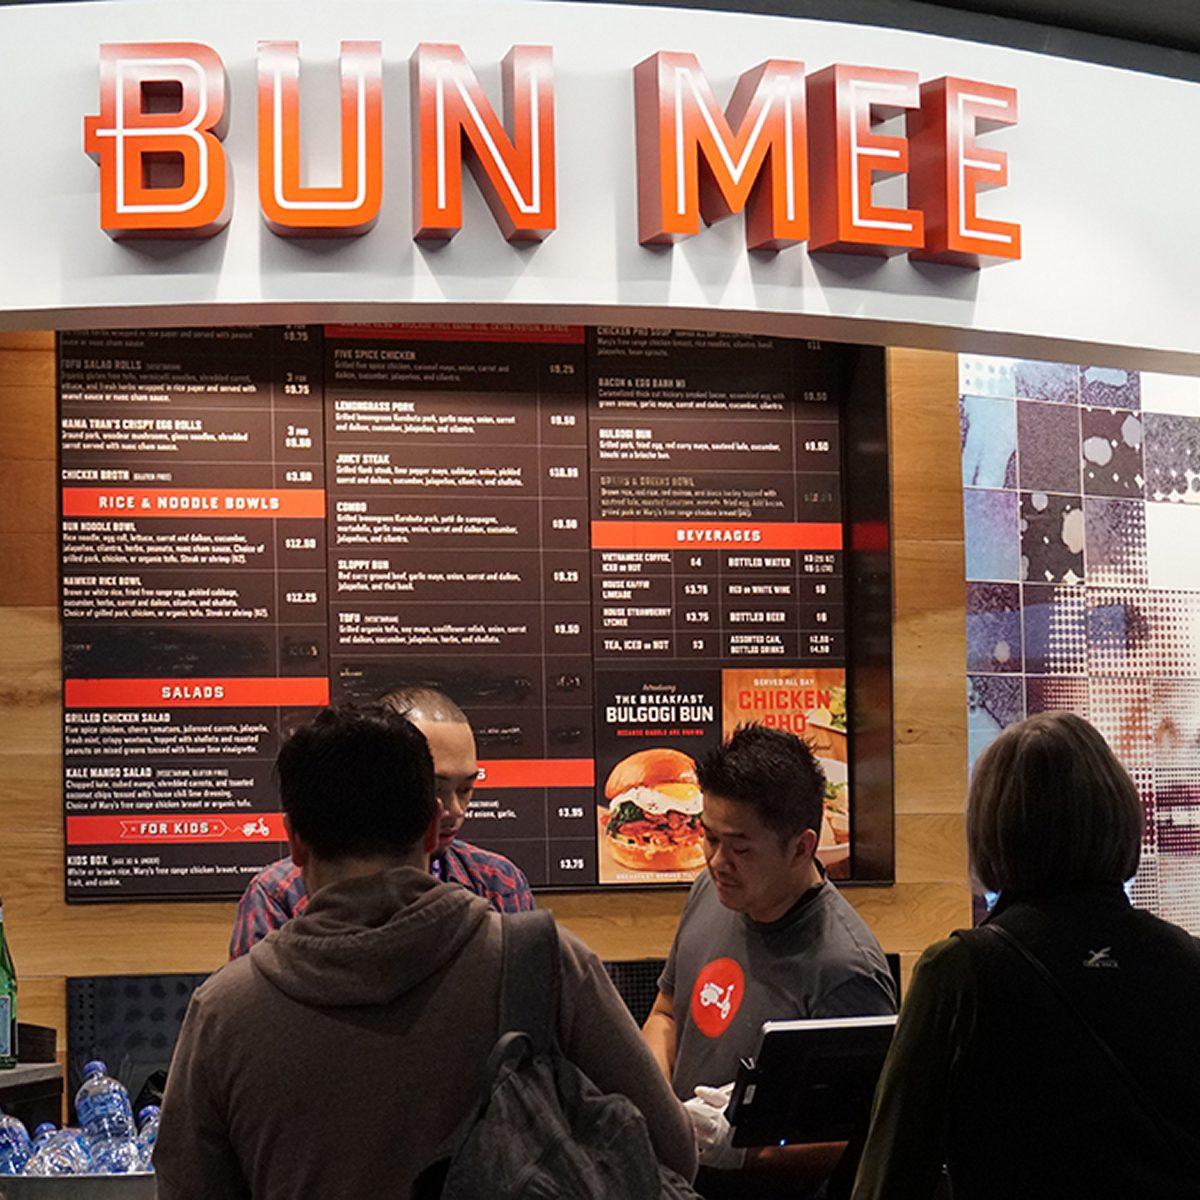 best airport restaurants bun mee